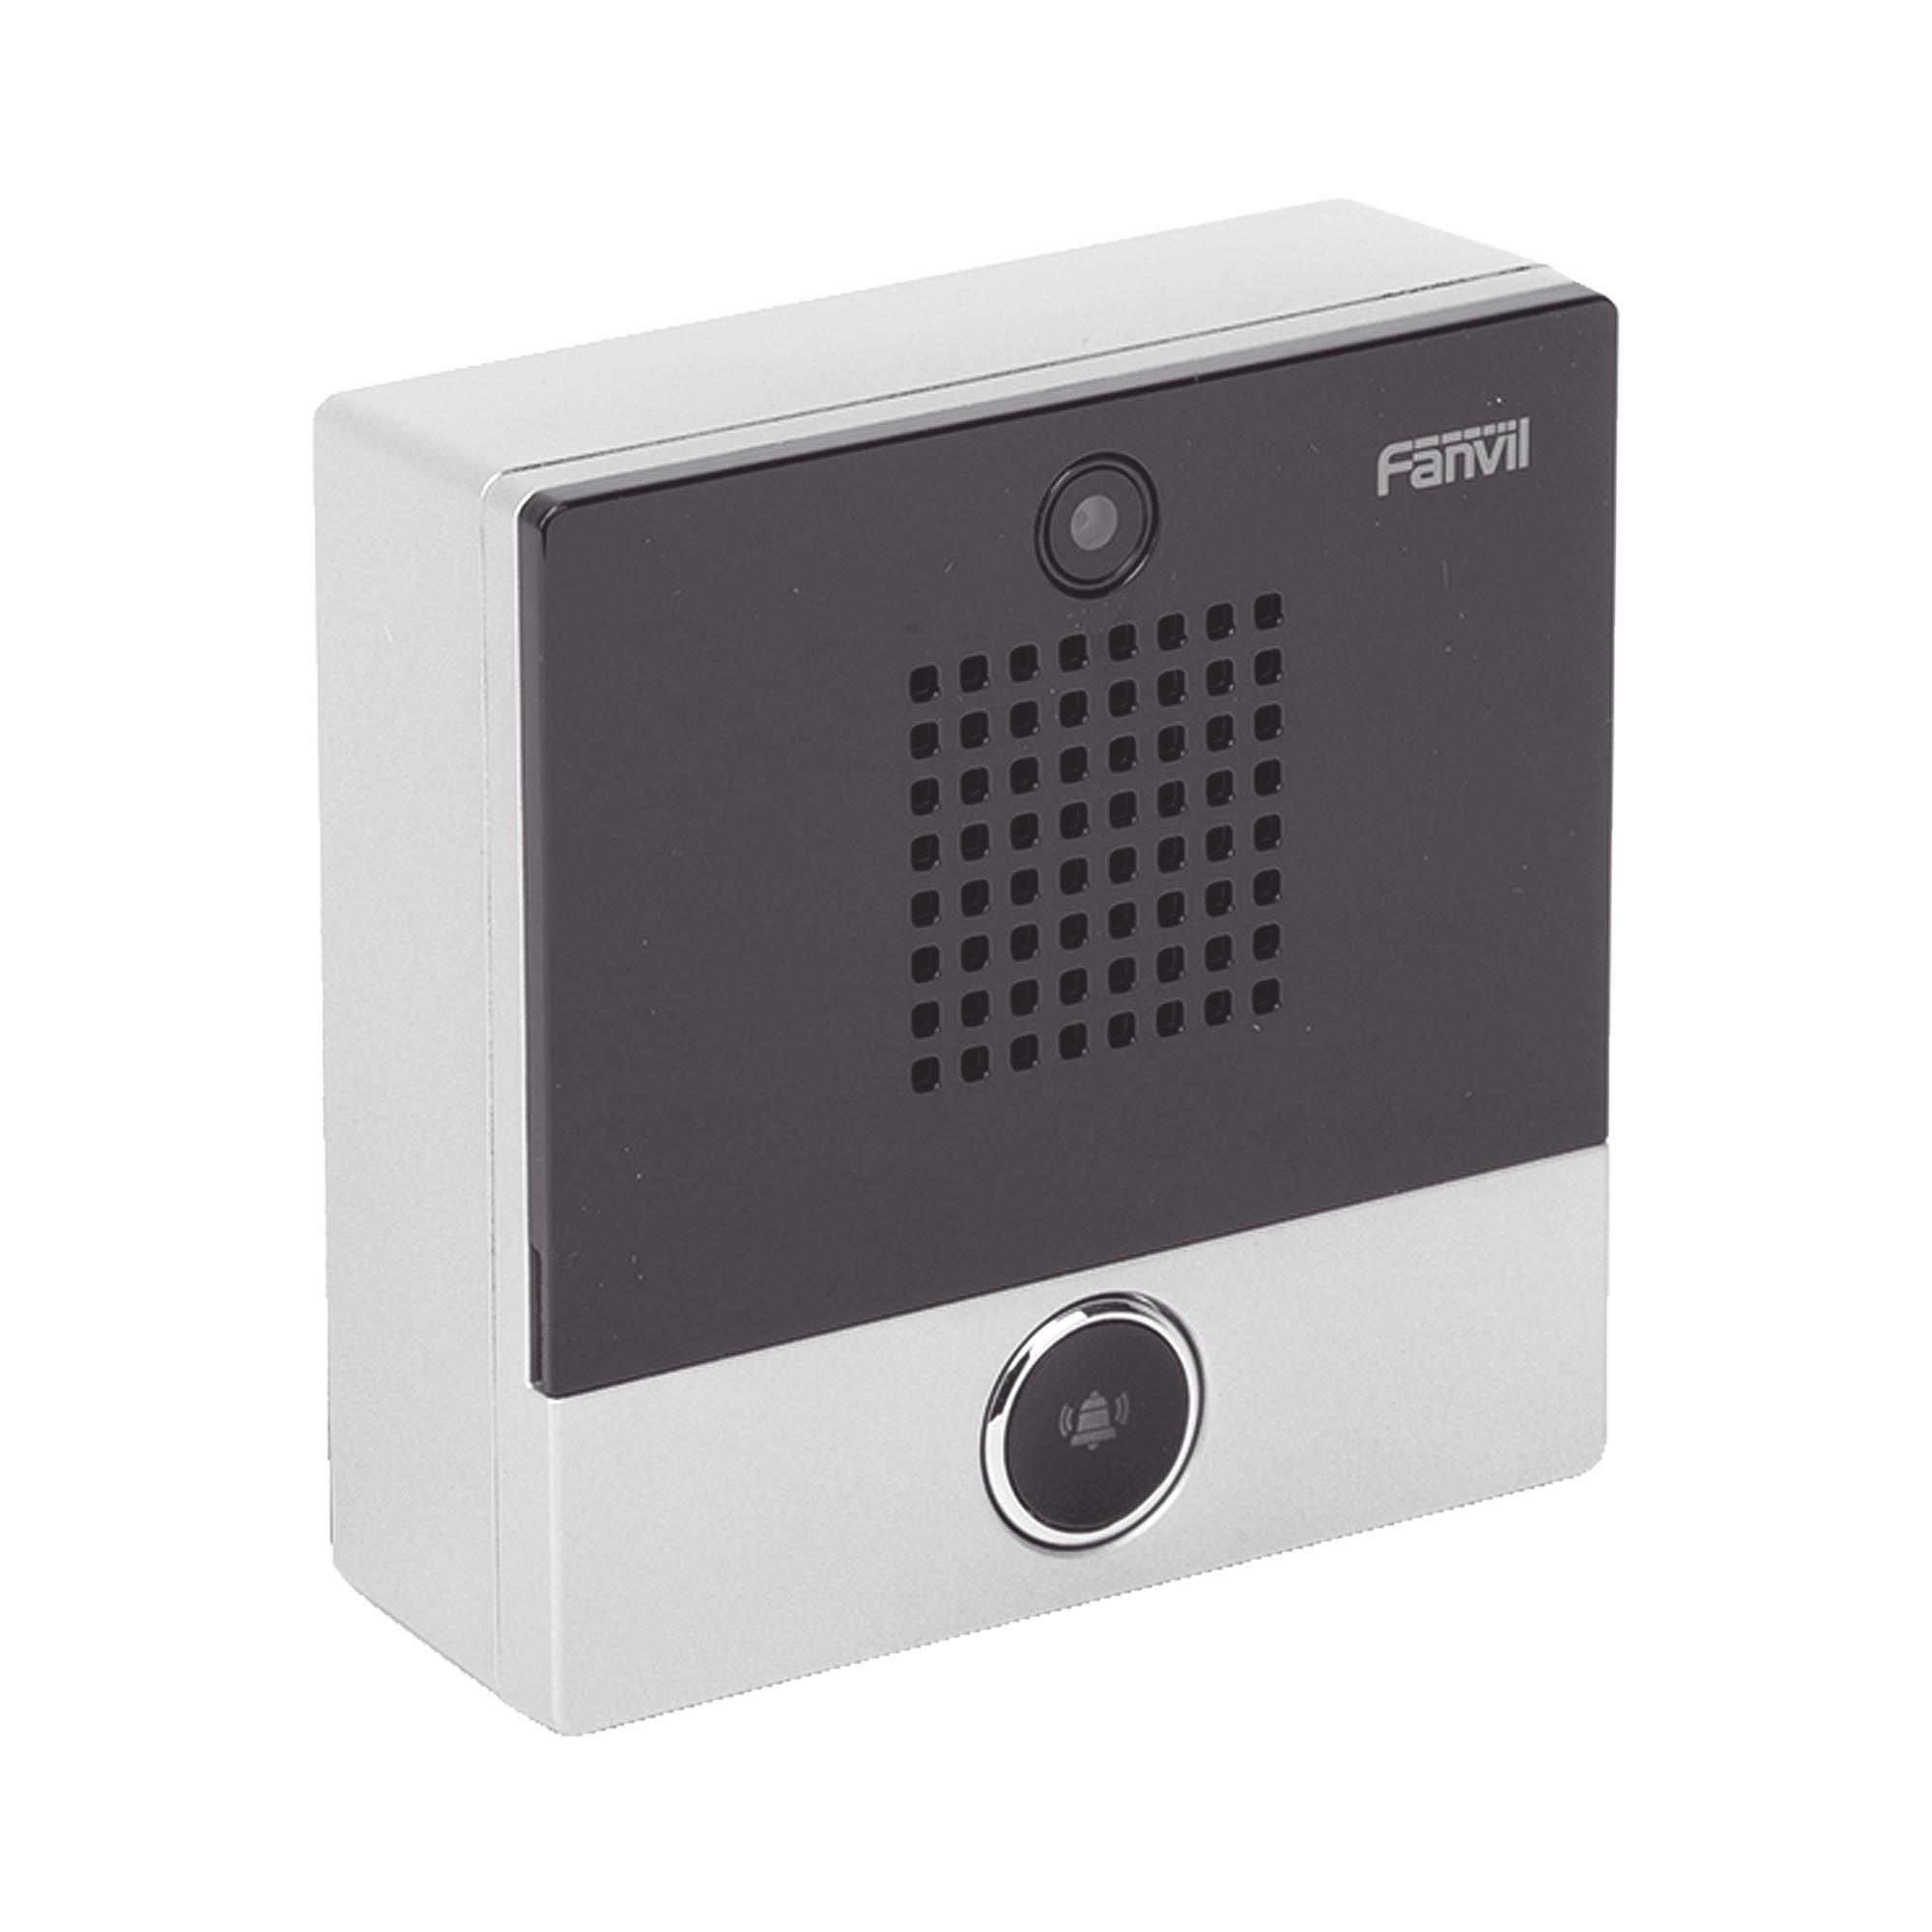 Mini video Intercomunicador para hotelería y hospitales, con diseño elegante, PoE, cámara 1Mpx, 1 botón, 1 relevador integrado de salida y entrada.